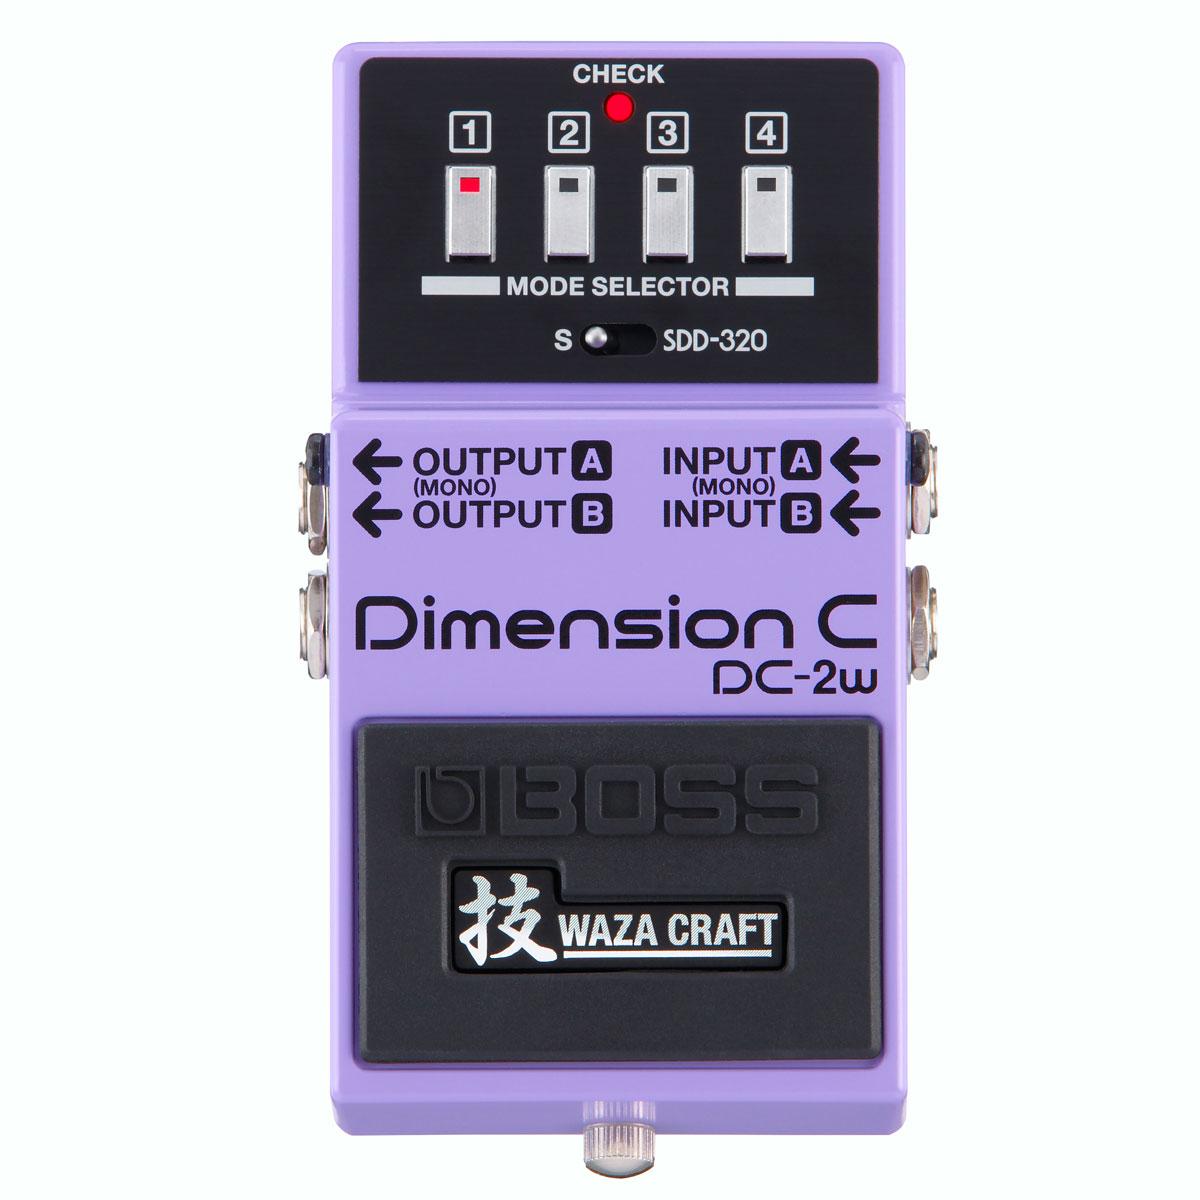 【ご購入特典つき!】BOSS / DC-2W Dimension C MADE IN JAPAN 技 Waza Craft 日本製【YRK】《/80-set12101/+811182200》